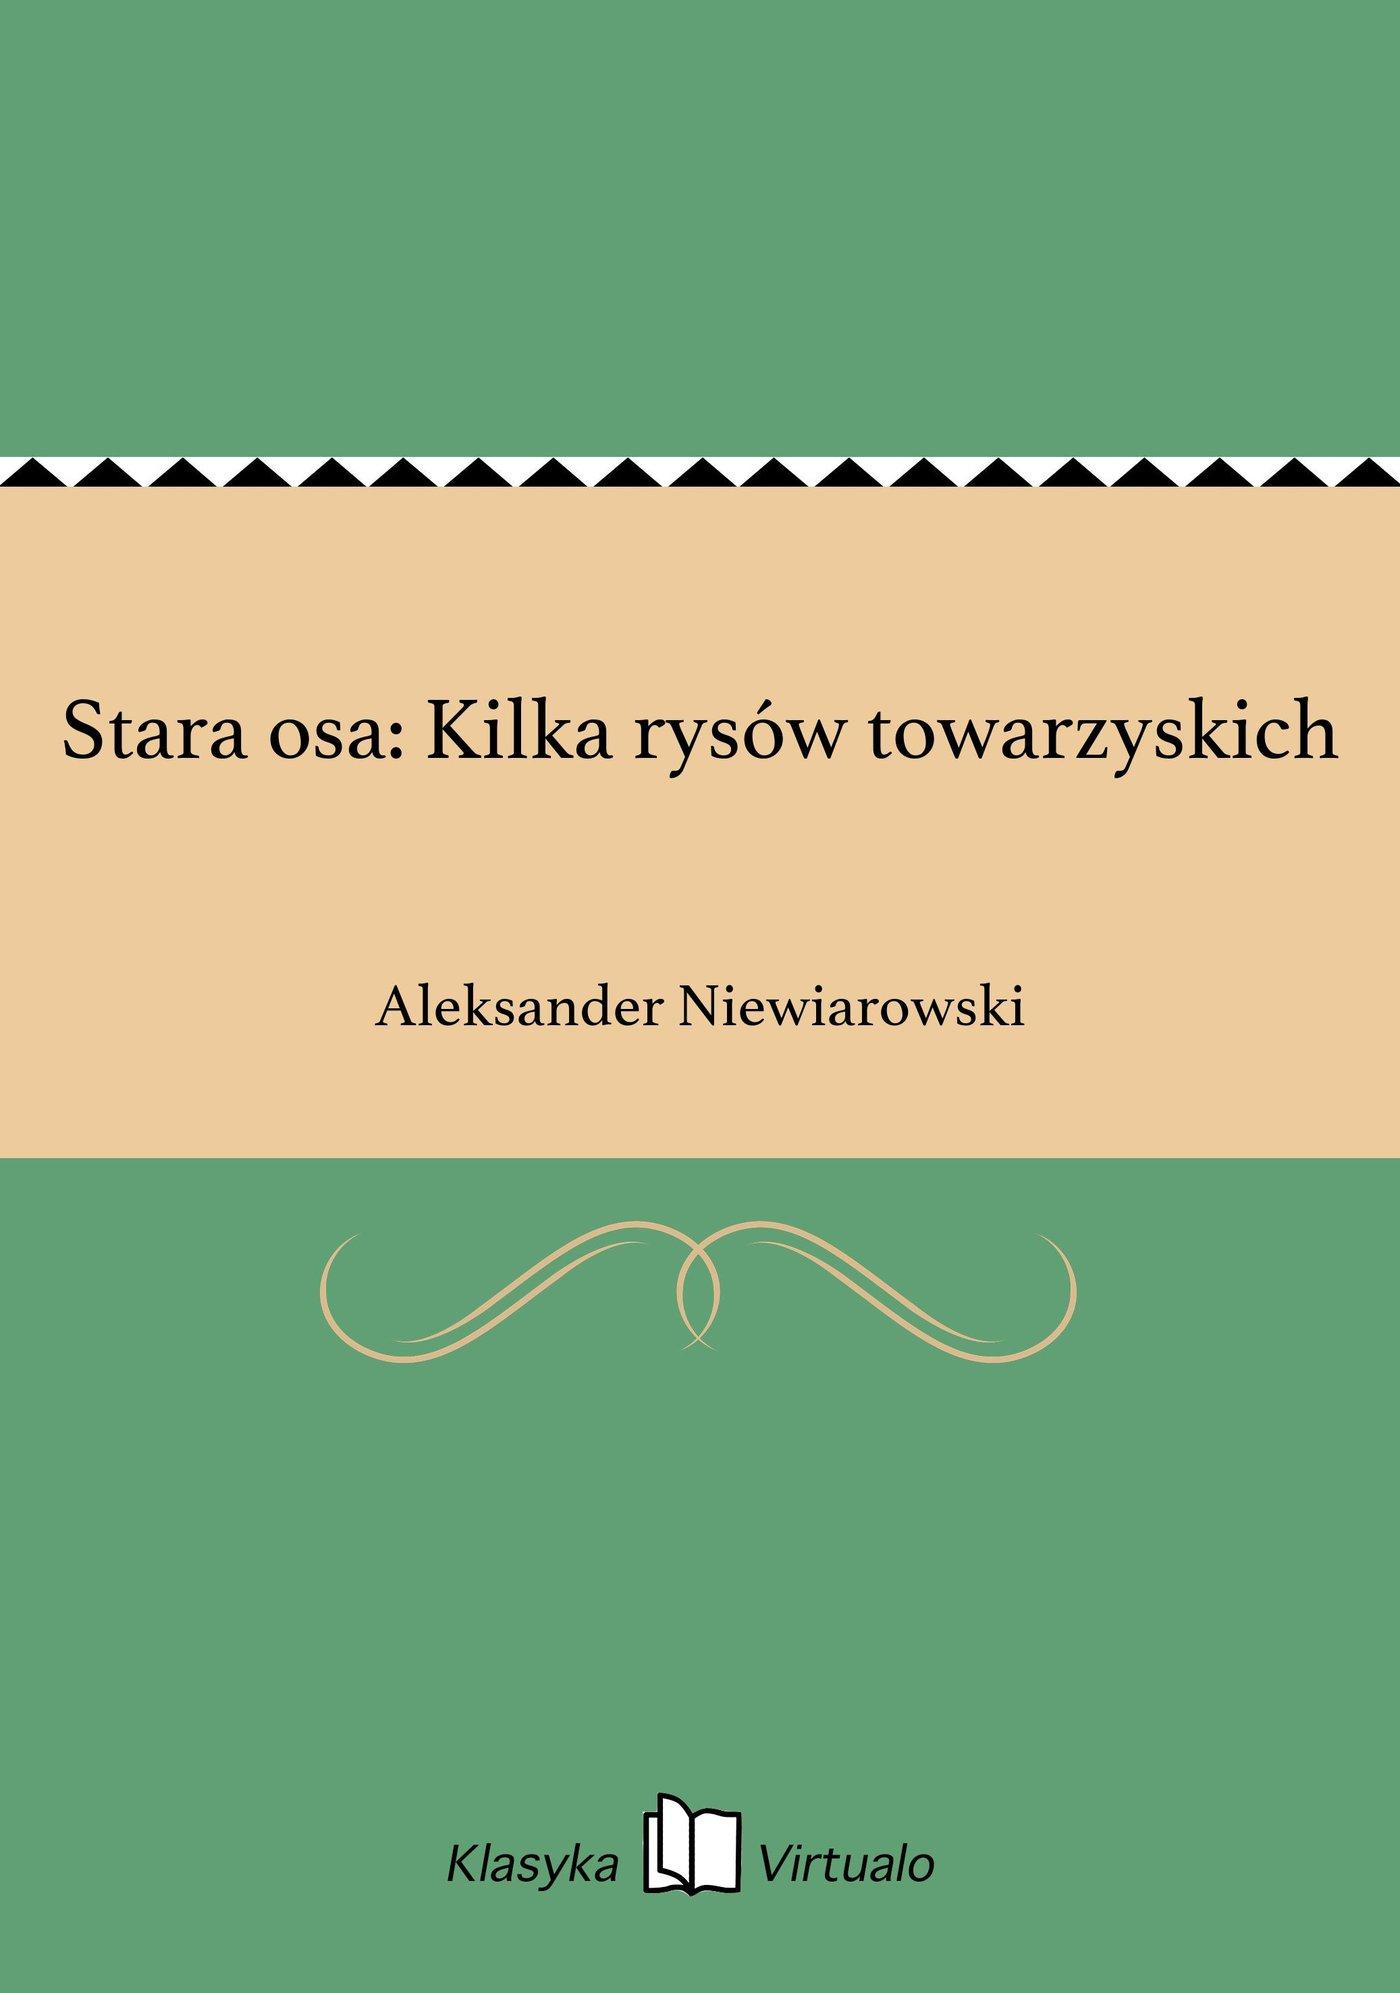 Stara osa: Kilka rysów towarzyskich - Ebook (Książka EPUB) do pobrania w formacie EPUB